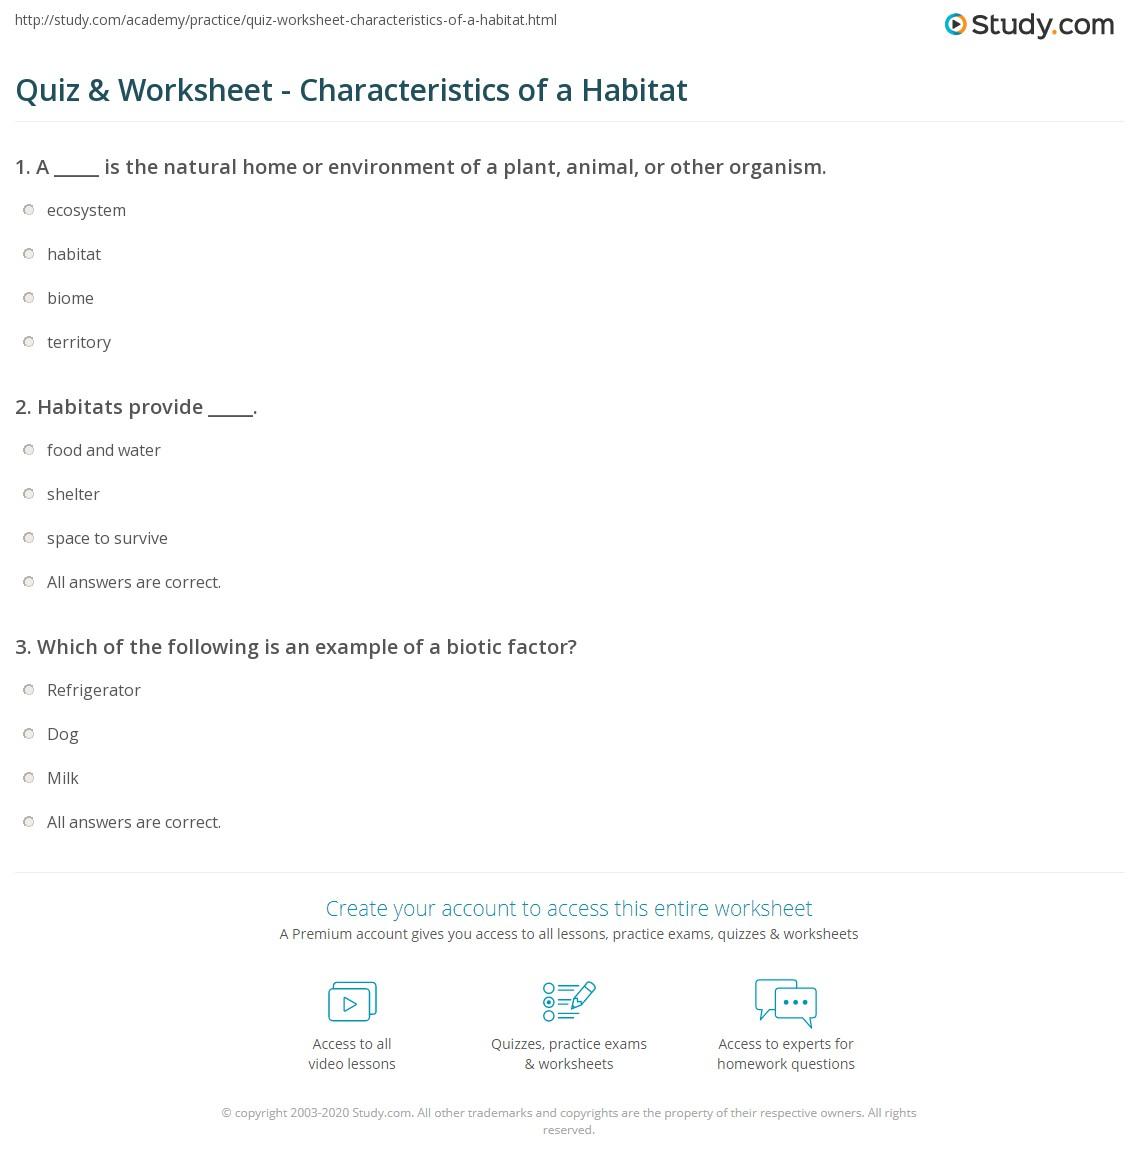 Quiz W Ksheet Ch R Cteristics Of H Bit T Study